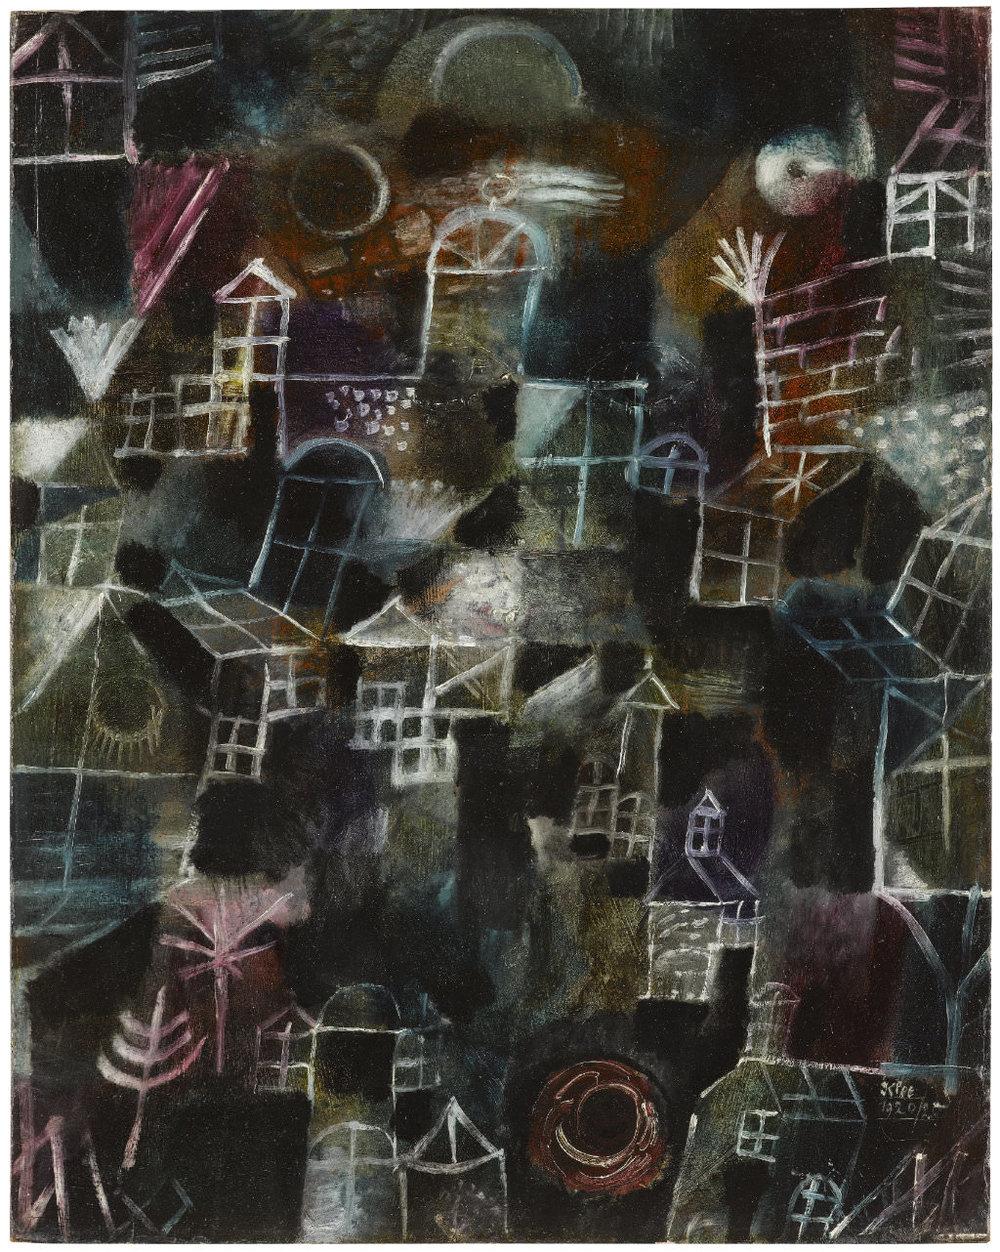 Abb. 25  Paul Klee   Rhythmus der Fenster,  1920, 20,  Öl auf Karton (auf Holz aufgezogen), 51,5 x 41,3 cm, Staatsgalerie Stuttgart  © Staatsgalerie Stuttgart